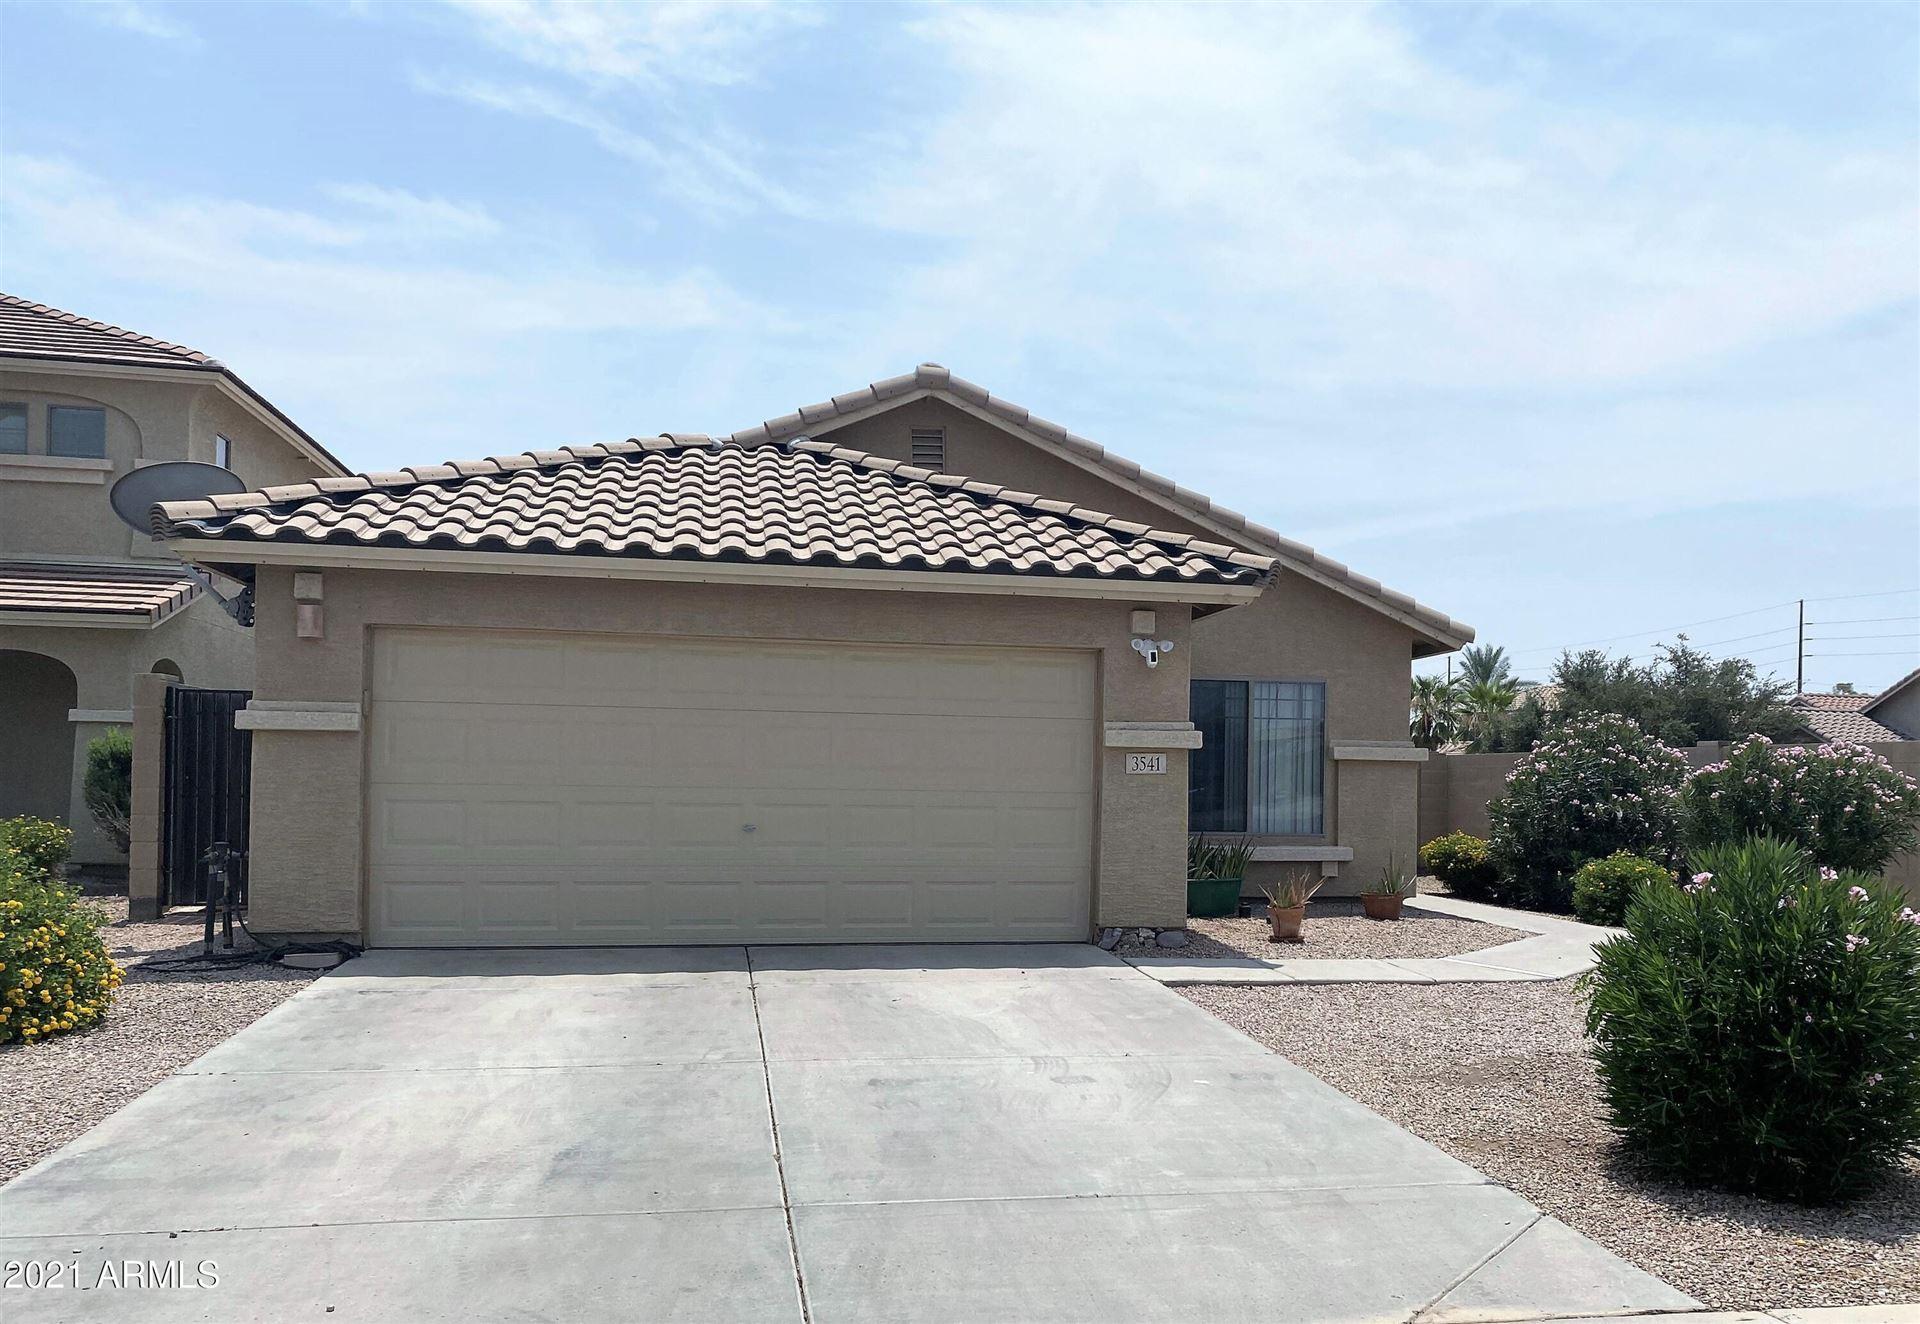 Photo of 3541 E AUSTIN Lane, San Tan Valley, AZ 85140 (MLS # 6269042)